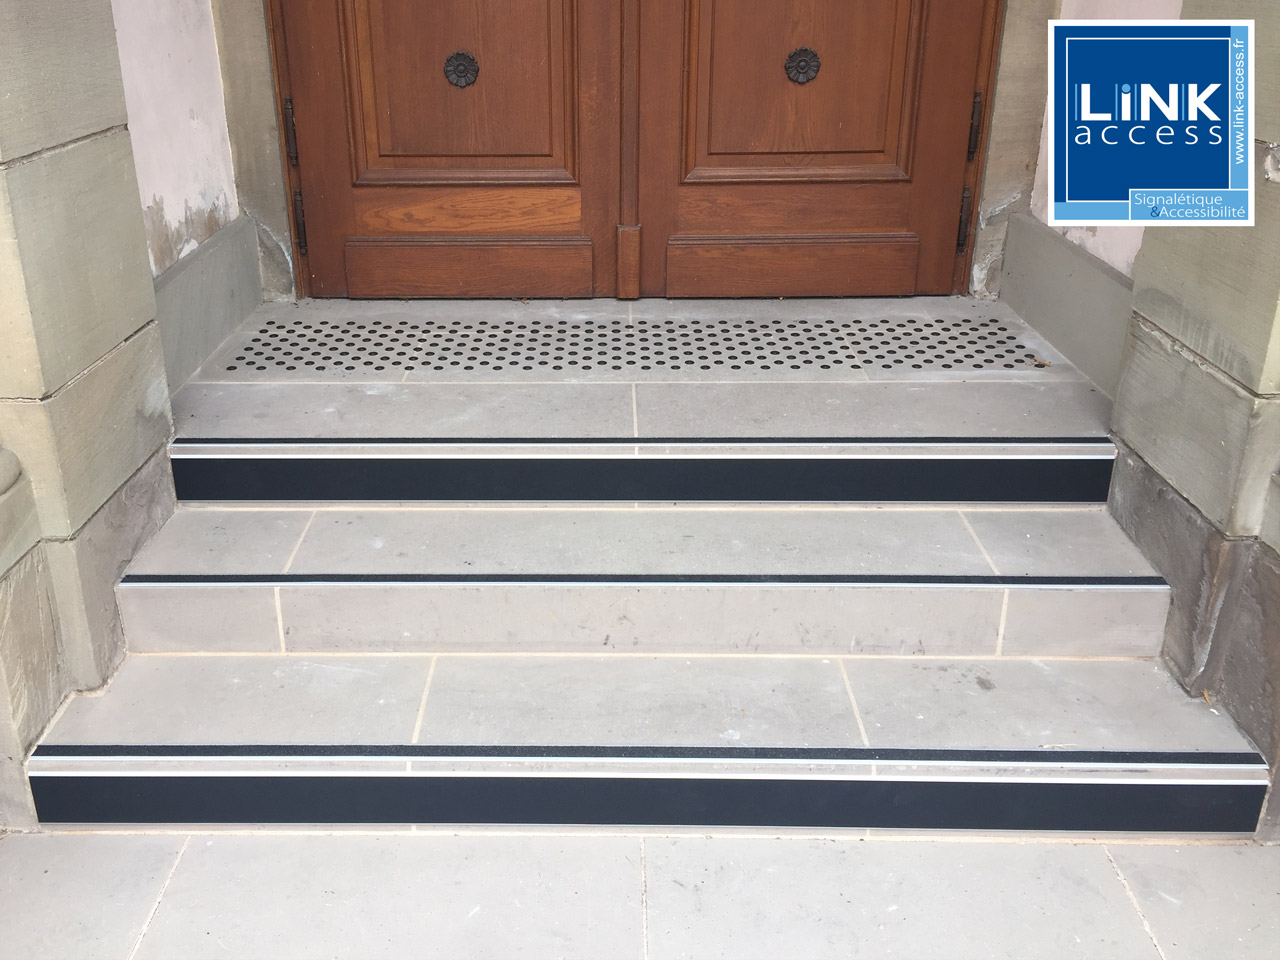 Clous podotactiles formant une bande d'éveil, Nez de marche et contremarches contrastée ont été installés sur ces marches pour sa mise en conformité accessibilité.